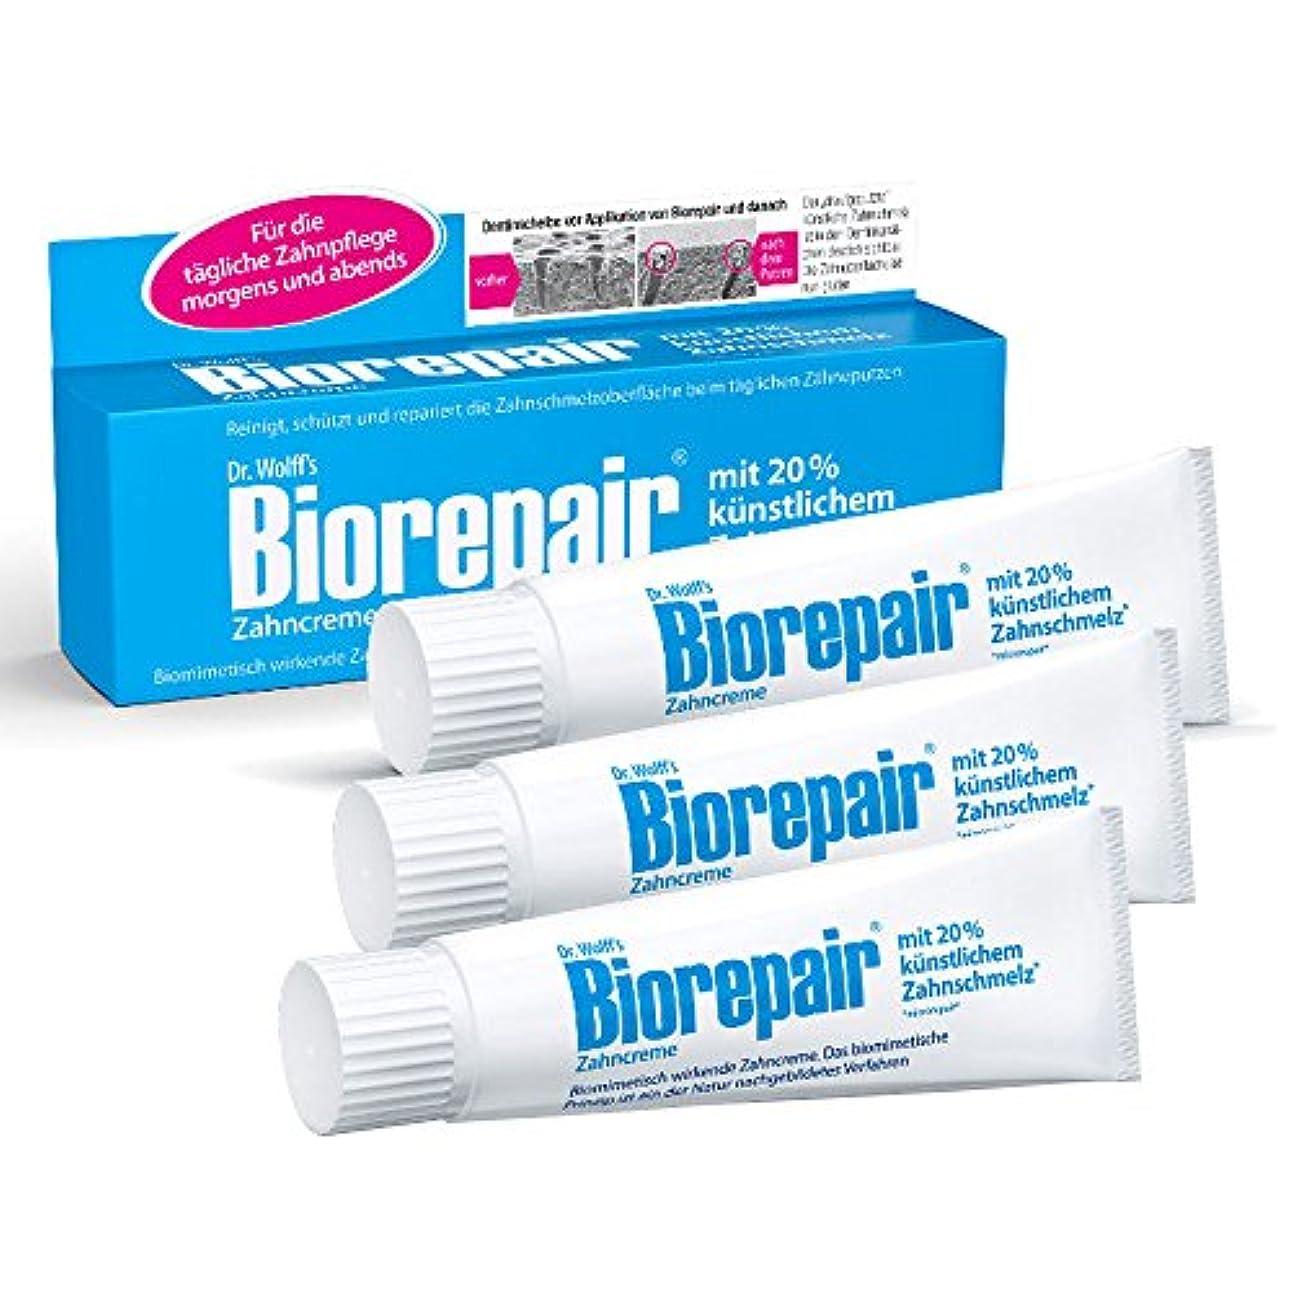 額飼い慣らす着飾るBiorepair 歯磨き粉オリジナル、75ml 歯の保護 耐摩耗性 x 3 [並行輸入品]